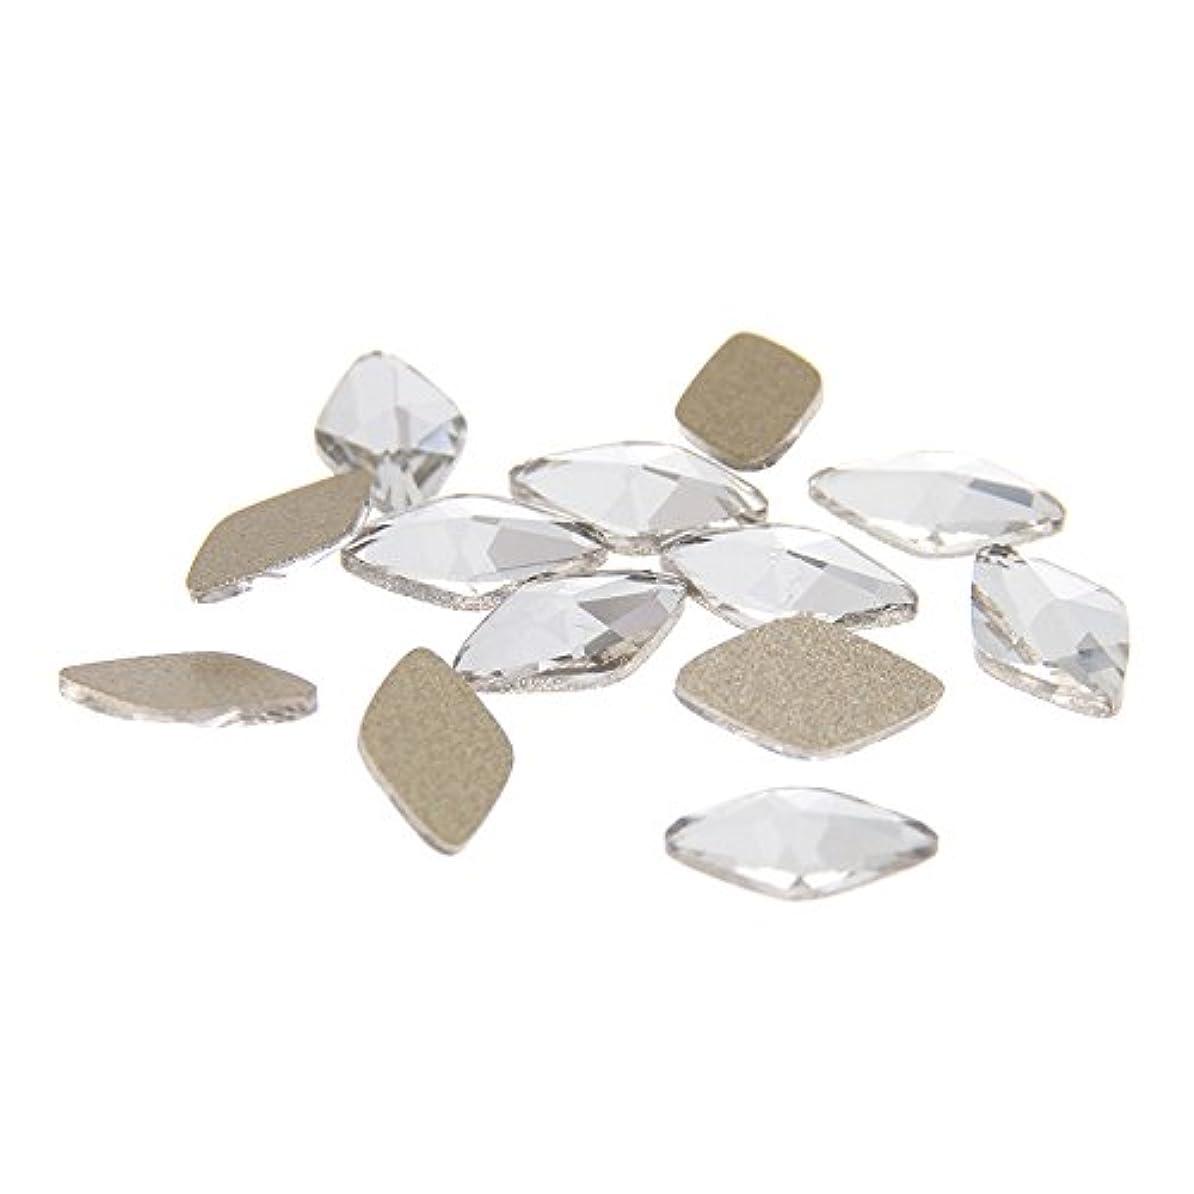 最も早い誰でも大破Nizi ジュエリー ブランド多くの形 クリスタルガラスネイルアート用品 50pcs ネイルステッカー DIY装飾用 (6x10mm 菱形)